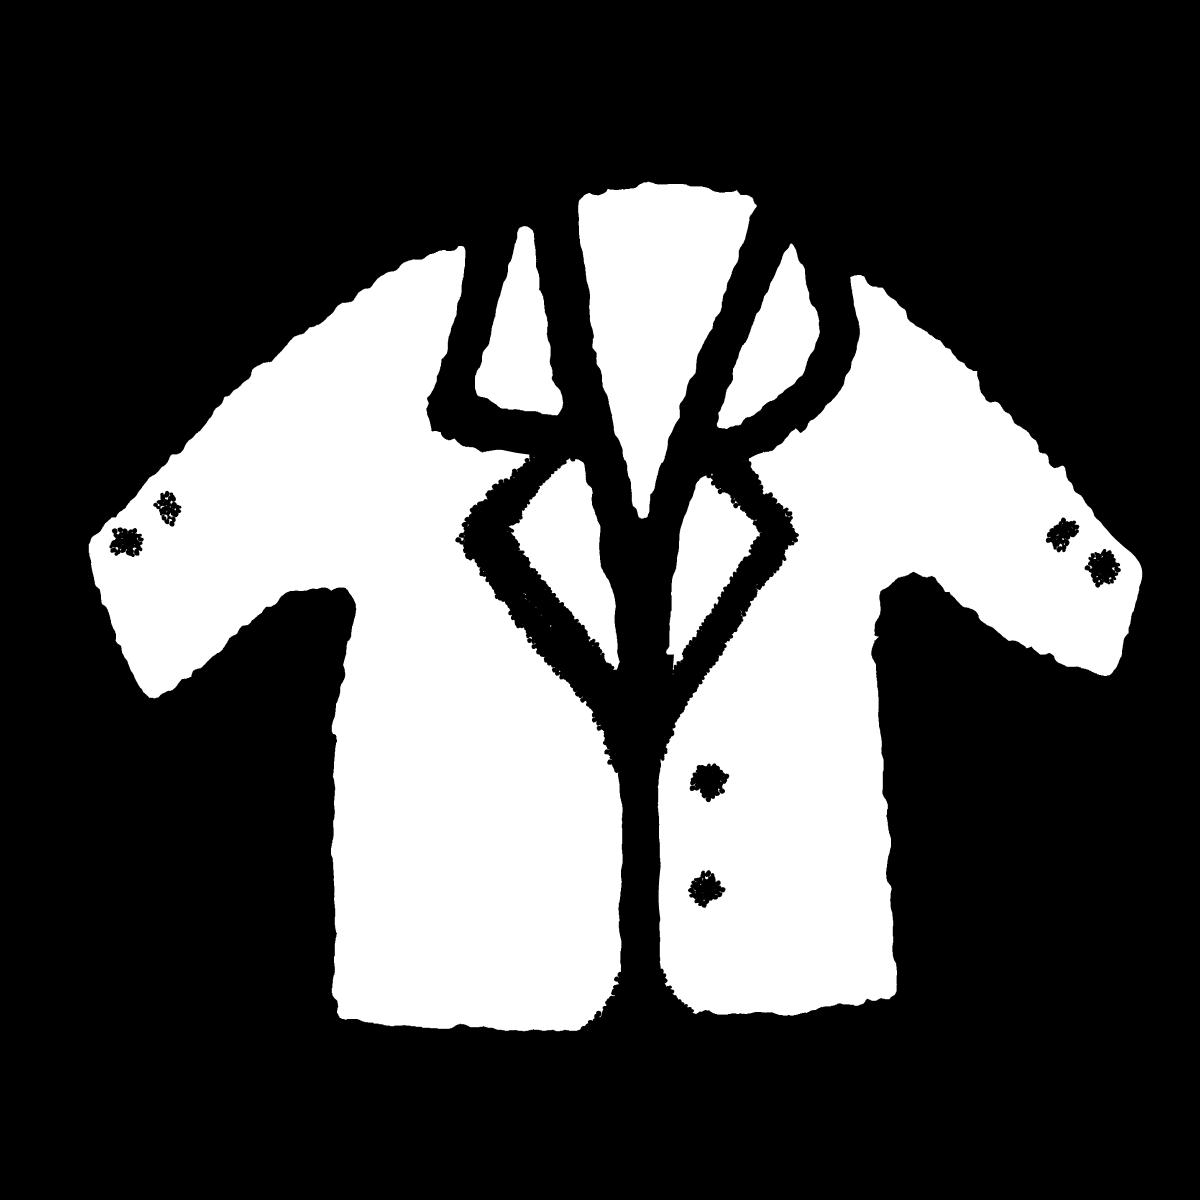 スーツ ジャケットのイラスト Suit jacket  Illustration